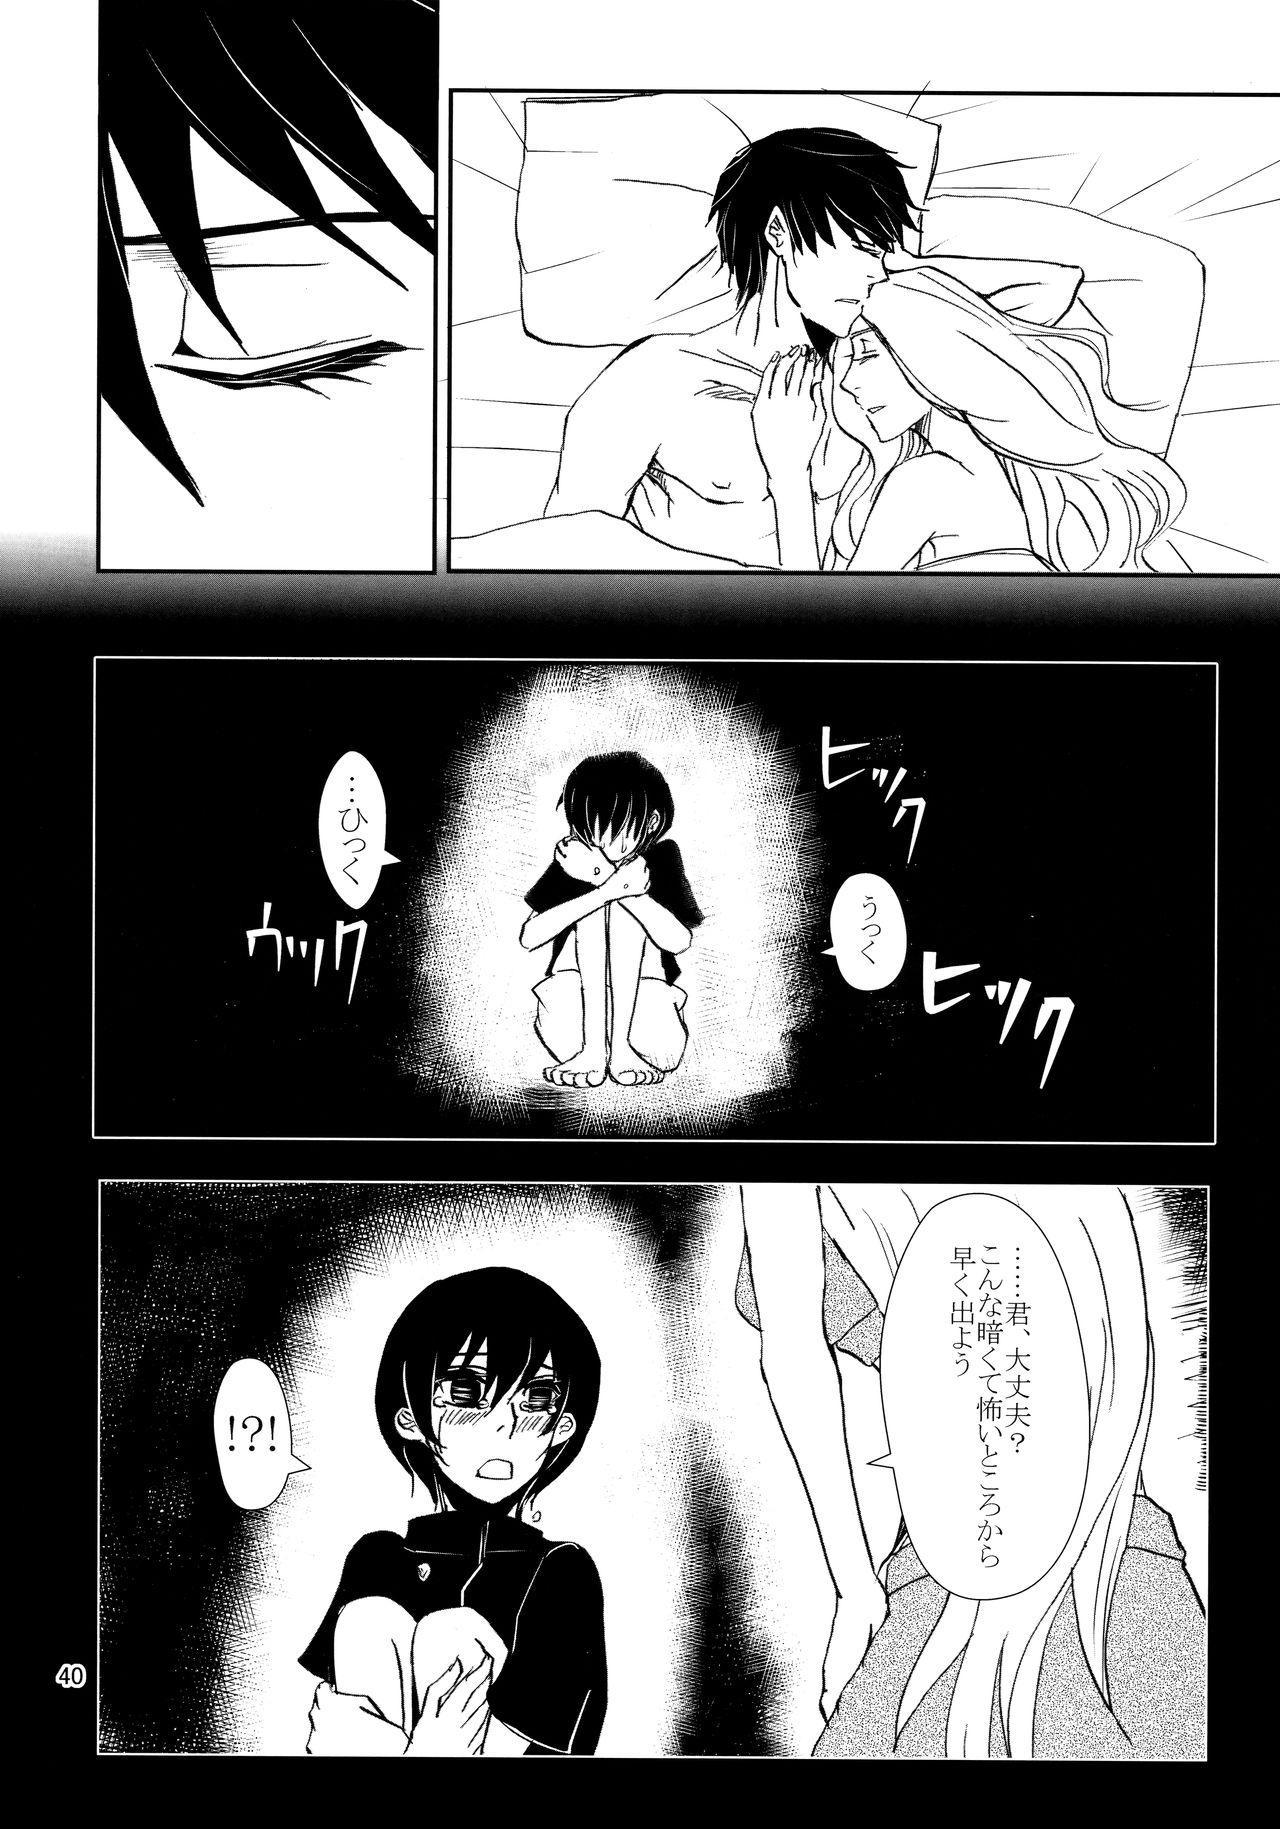 Kawaii Hito 38